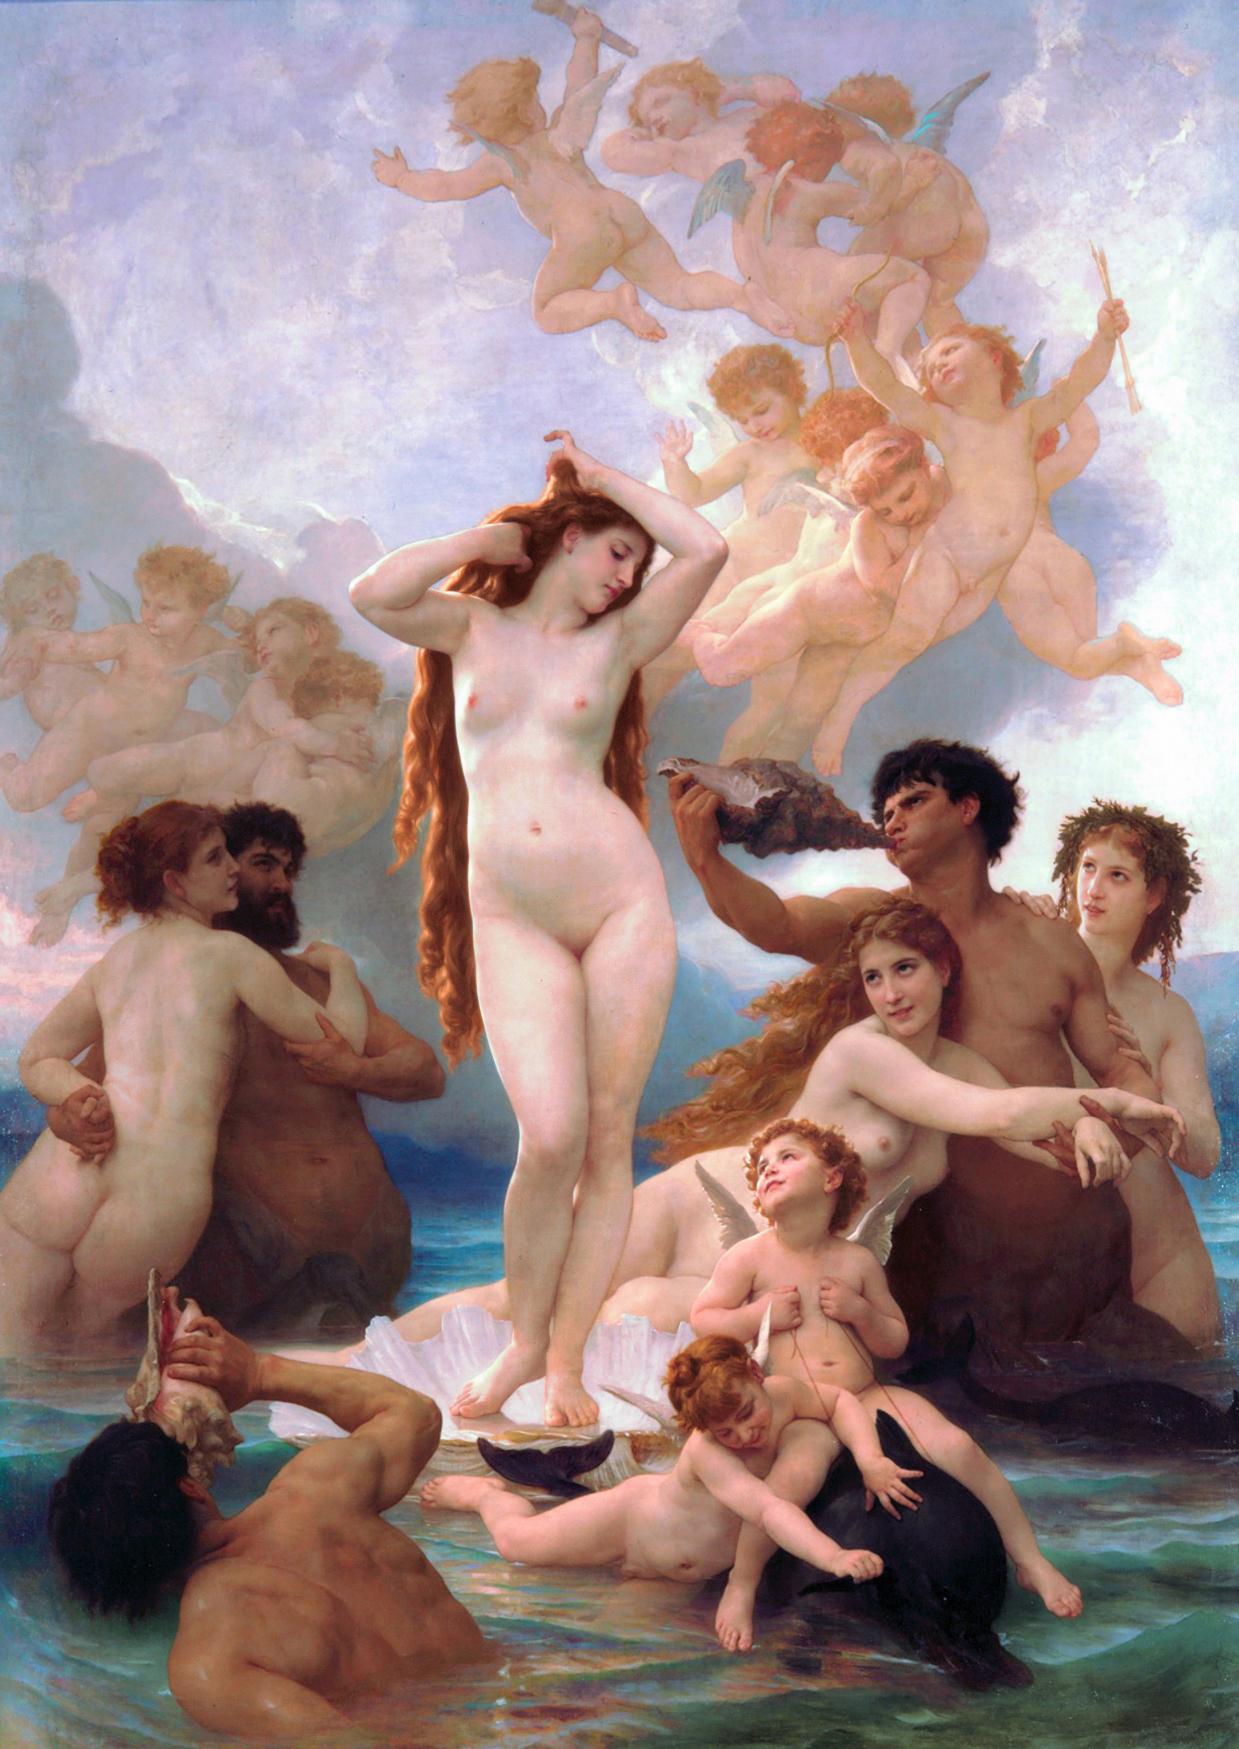 naked-female-gods